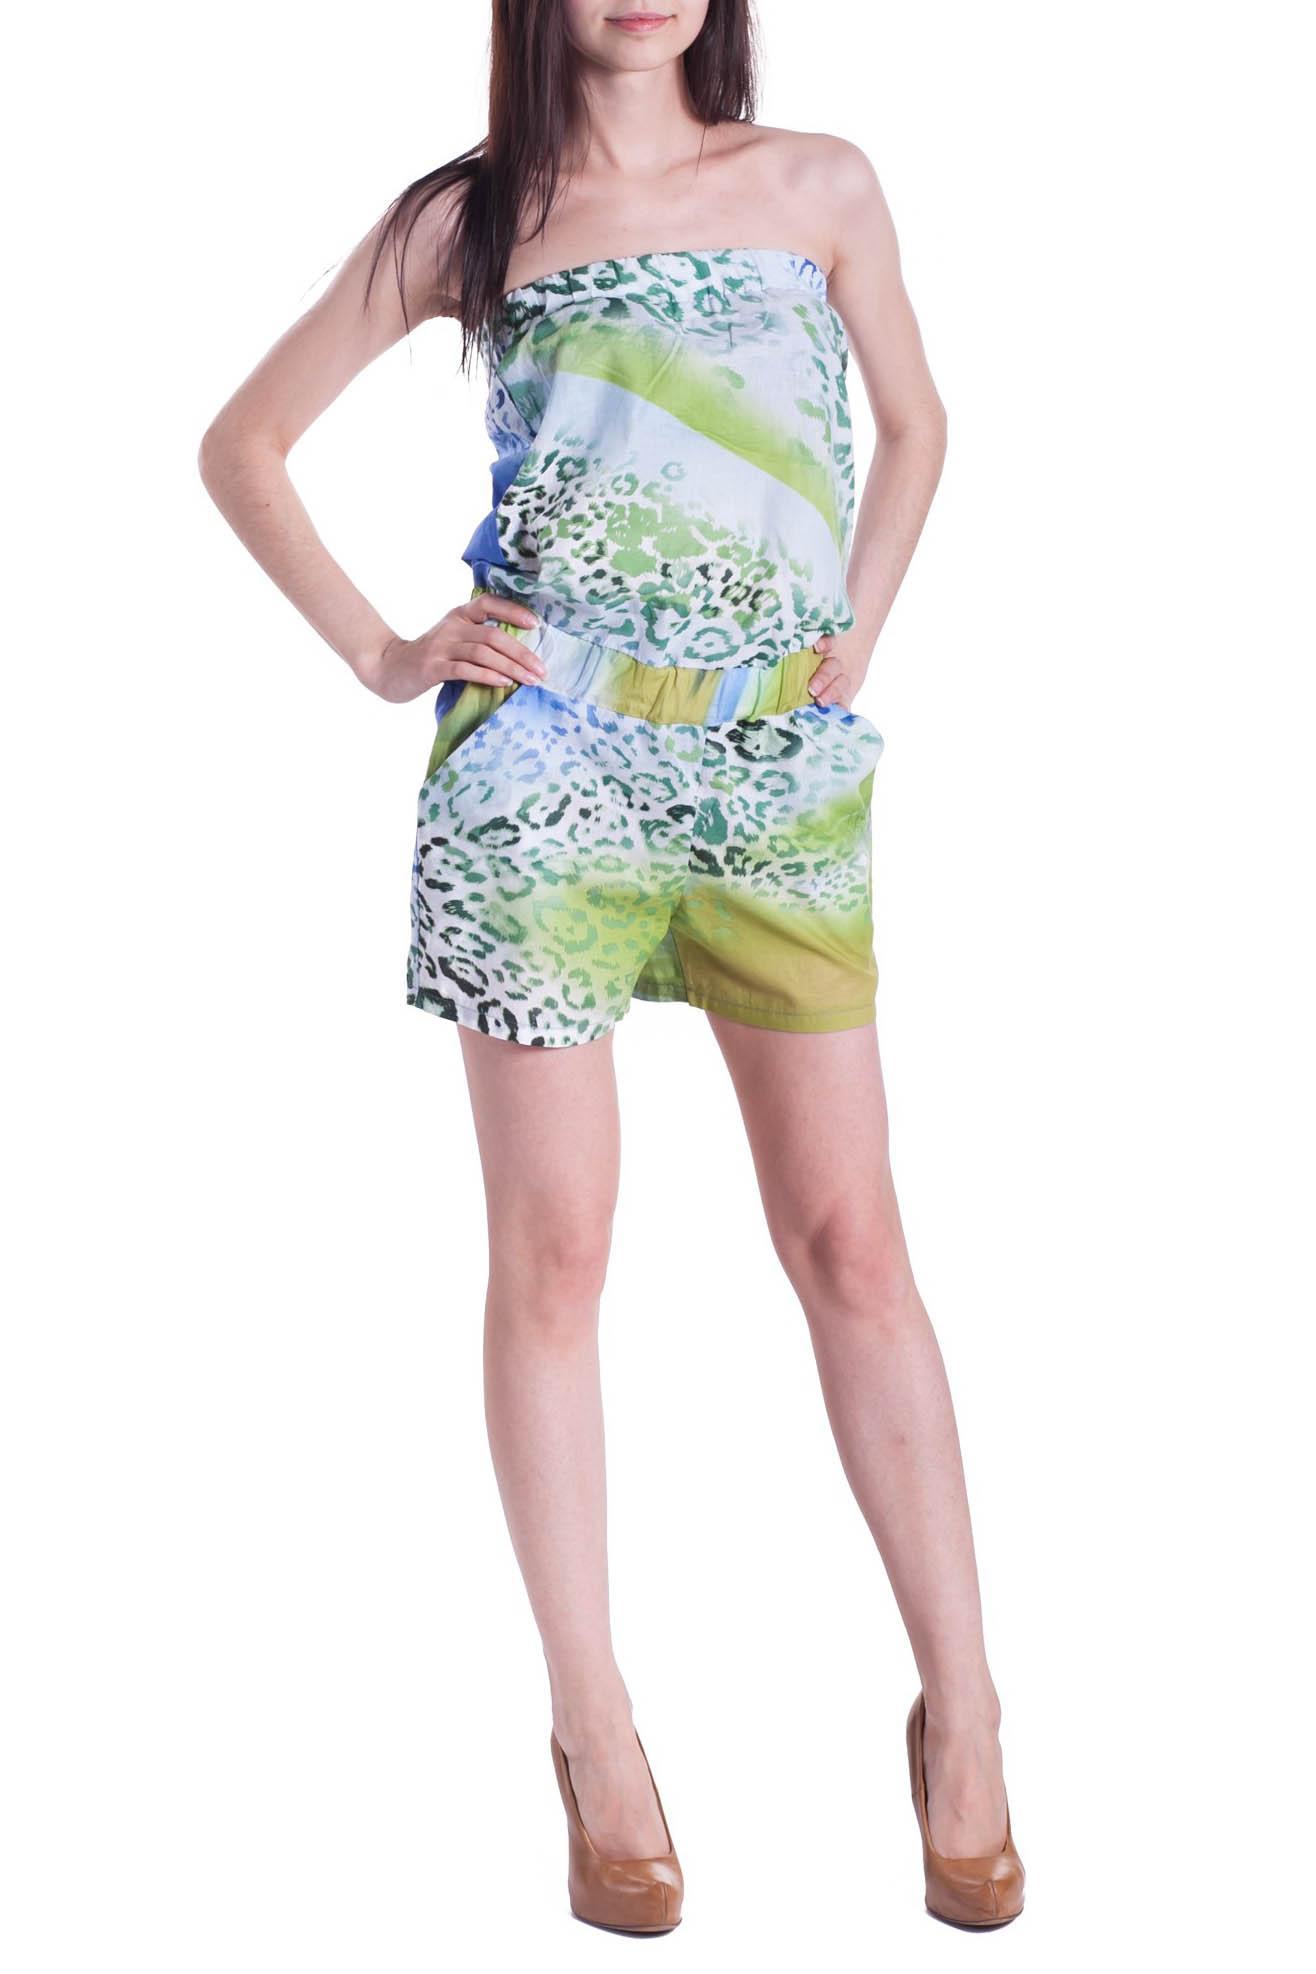 КомбинезонКомбинезоны<br>Комбинезон женский с шортами. Лиф на резинке. В талии вставлена широкая резинка и декоративные завязки. В боках карманы.  Длина изделия: 42 размер - 58 см 44 размер - 60 см 46 размер - 62 см 48 размер - 64 см<br><br>По длине: Мини<br>По рисунку: Леопард,С принтом<br>По сезону: Лето<br>По элементам: С карманами<br>По материалу: Хлопок<br>По стилю: Летний стиль,Молодежный стиль,Повседневный стиль<br>Рукав: Без рукавов<br>По силуэту: Полуприталенные<br>Размер : 42,44<br>Материал: Хлопок<br>Количество в наличии: 2